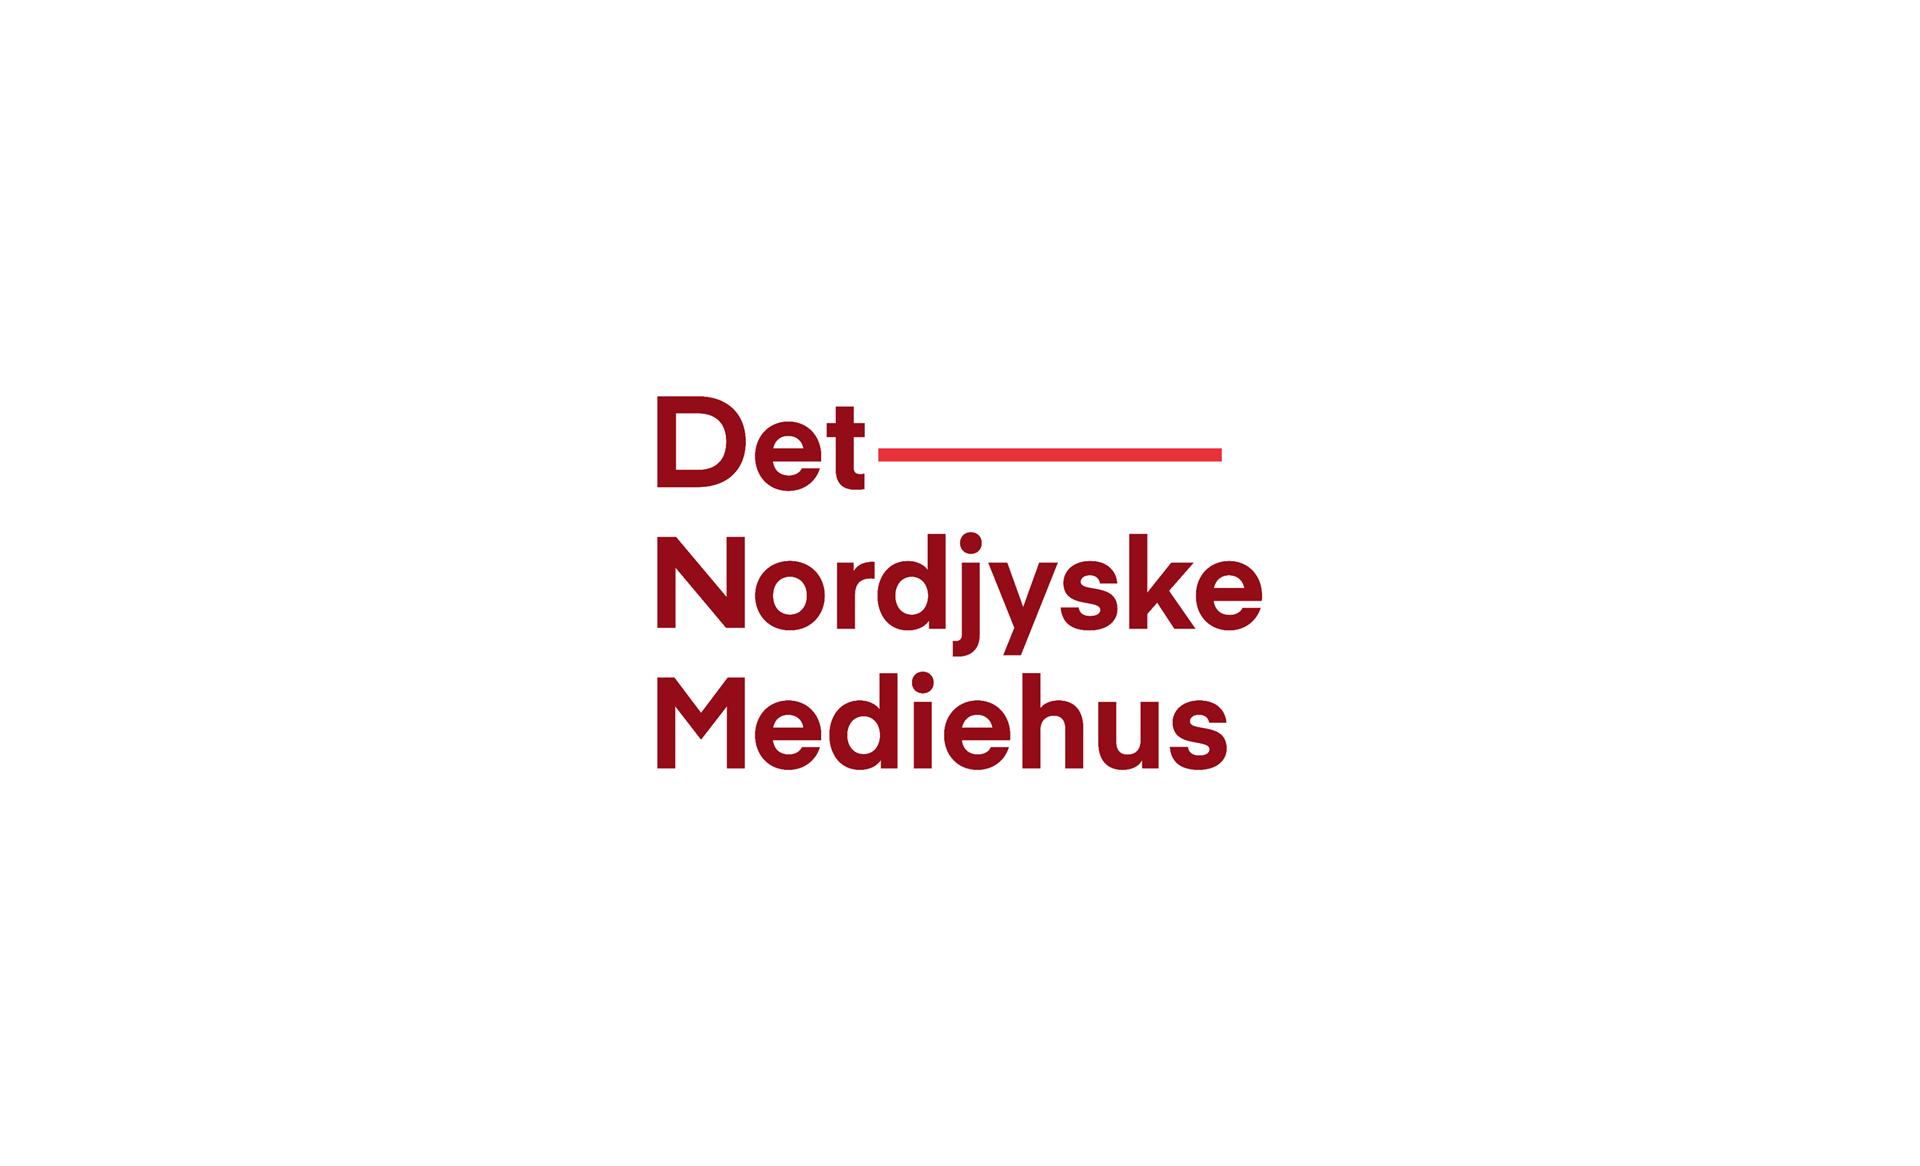 Det Nordjyske Mediehus